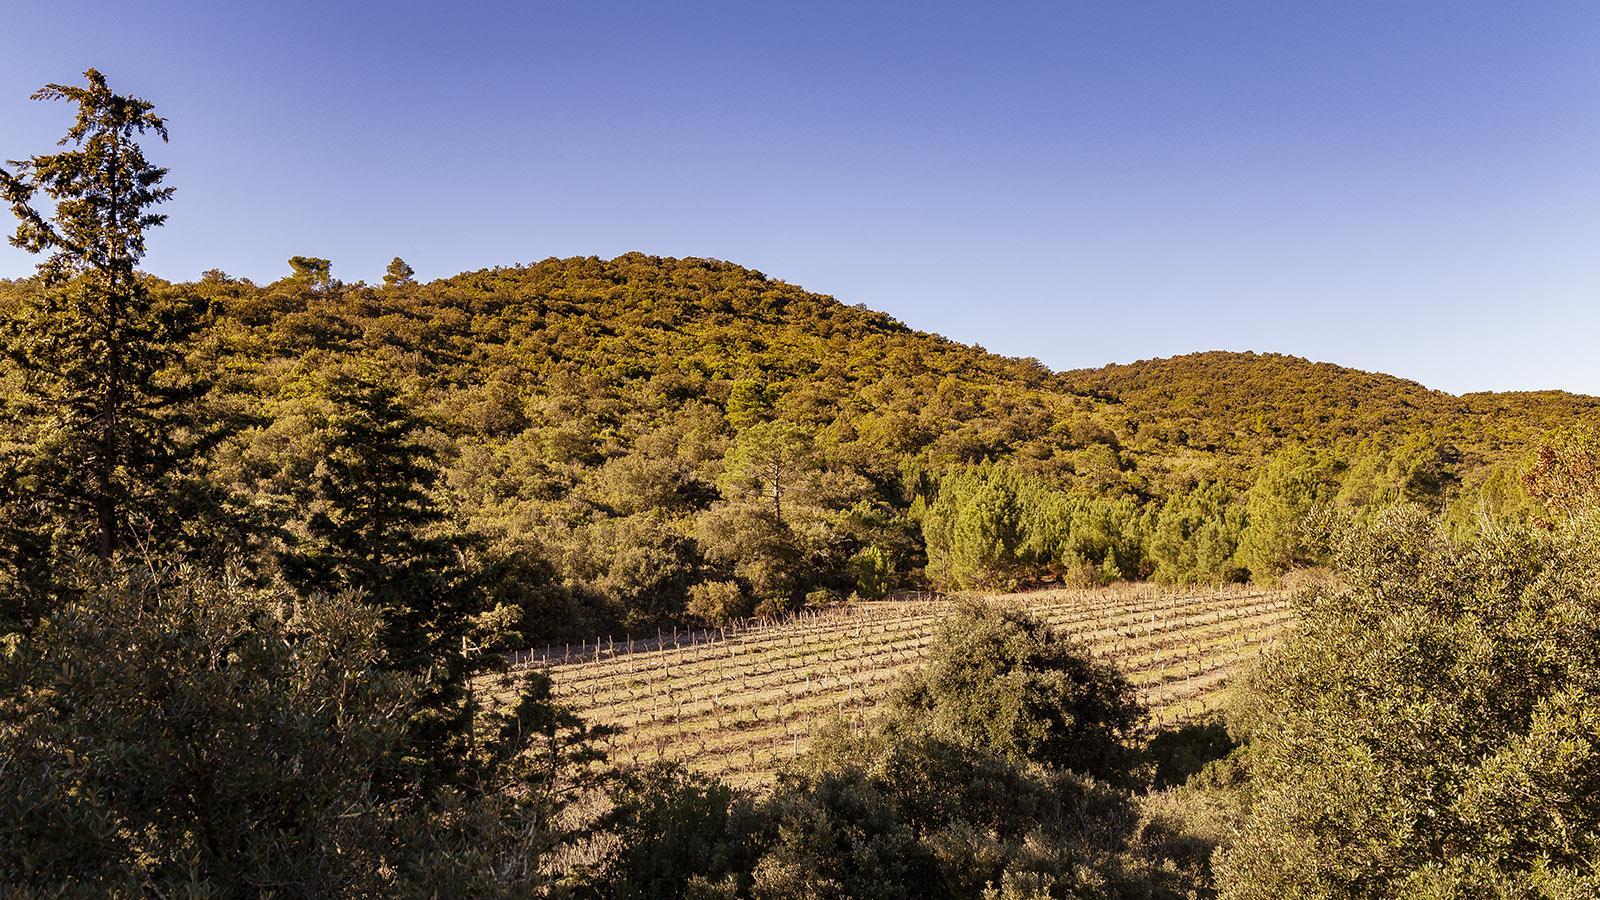 Die Parzellen des Fitou verstecken sich gerne hinter mediterranem Grün. Foto: Hilke Maunder